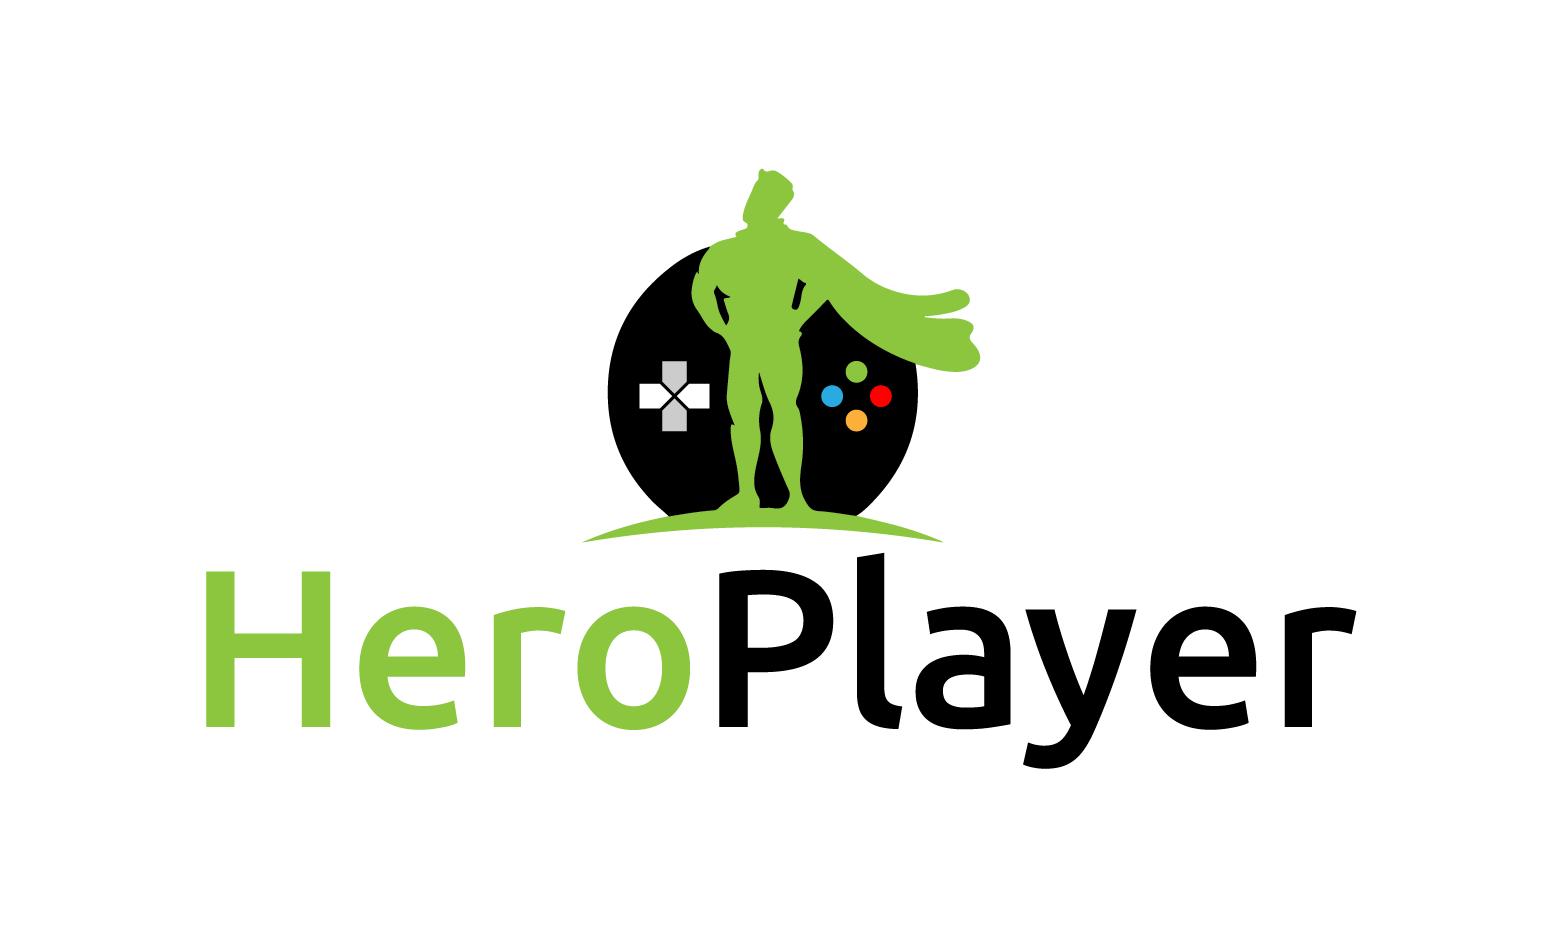 HeroPlayer.com